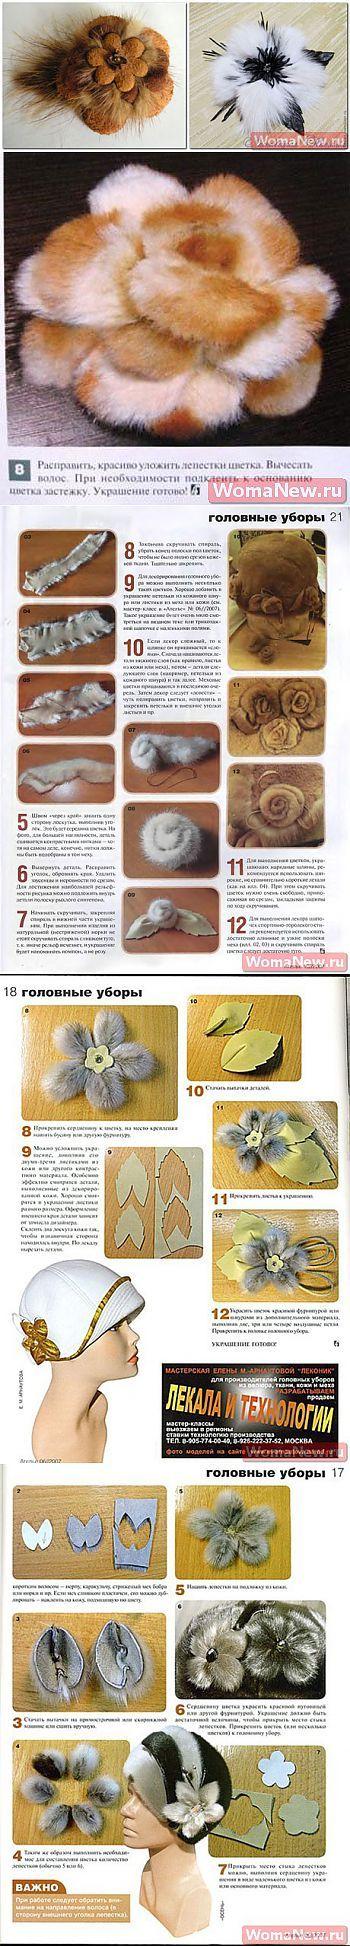 Цветы из меха своими руками | WomaNew.ru - уроки кройки и шитья!